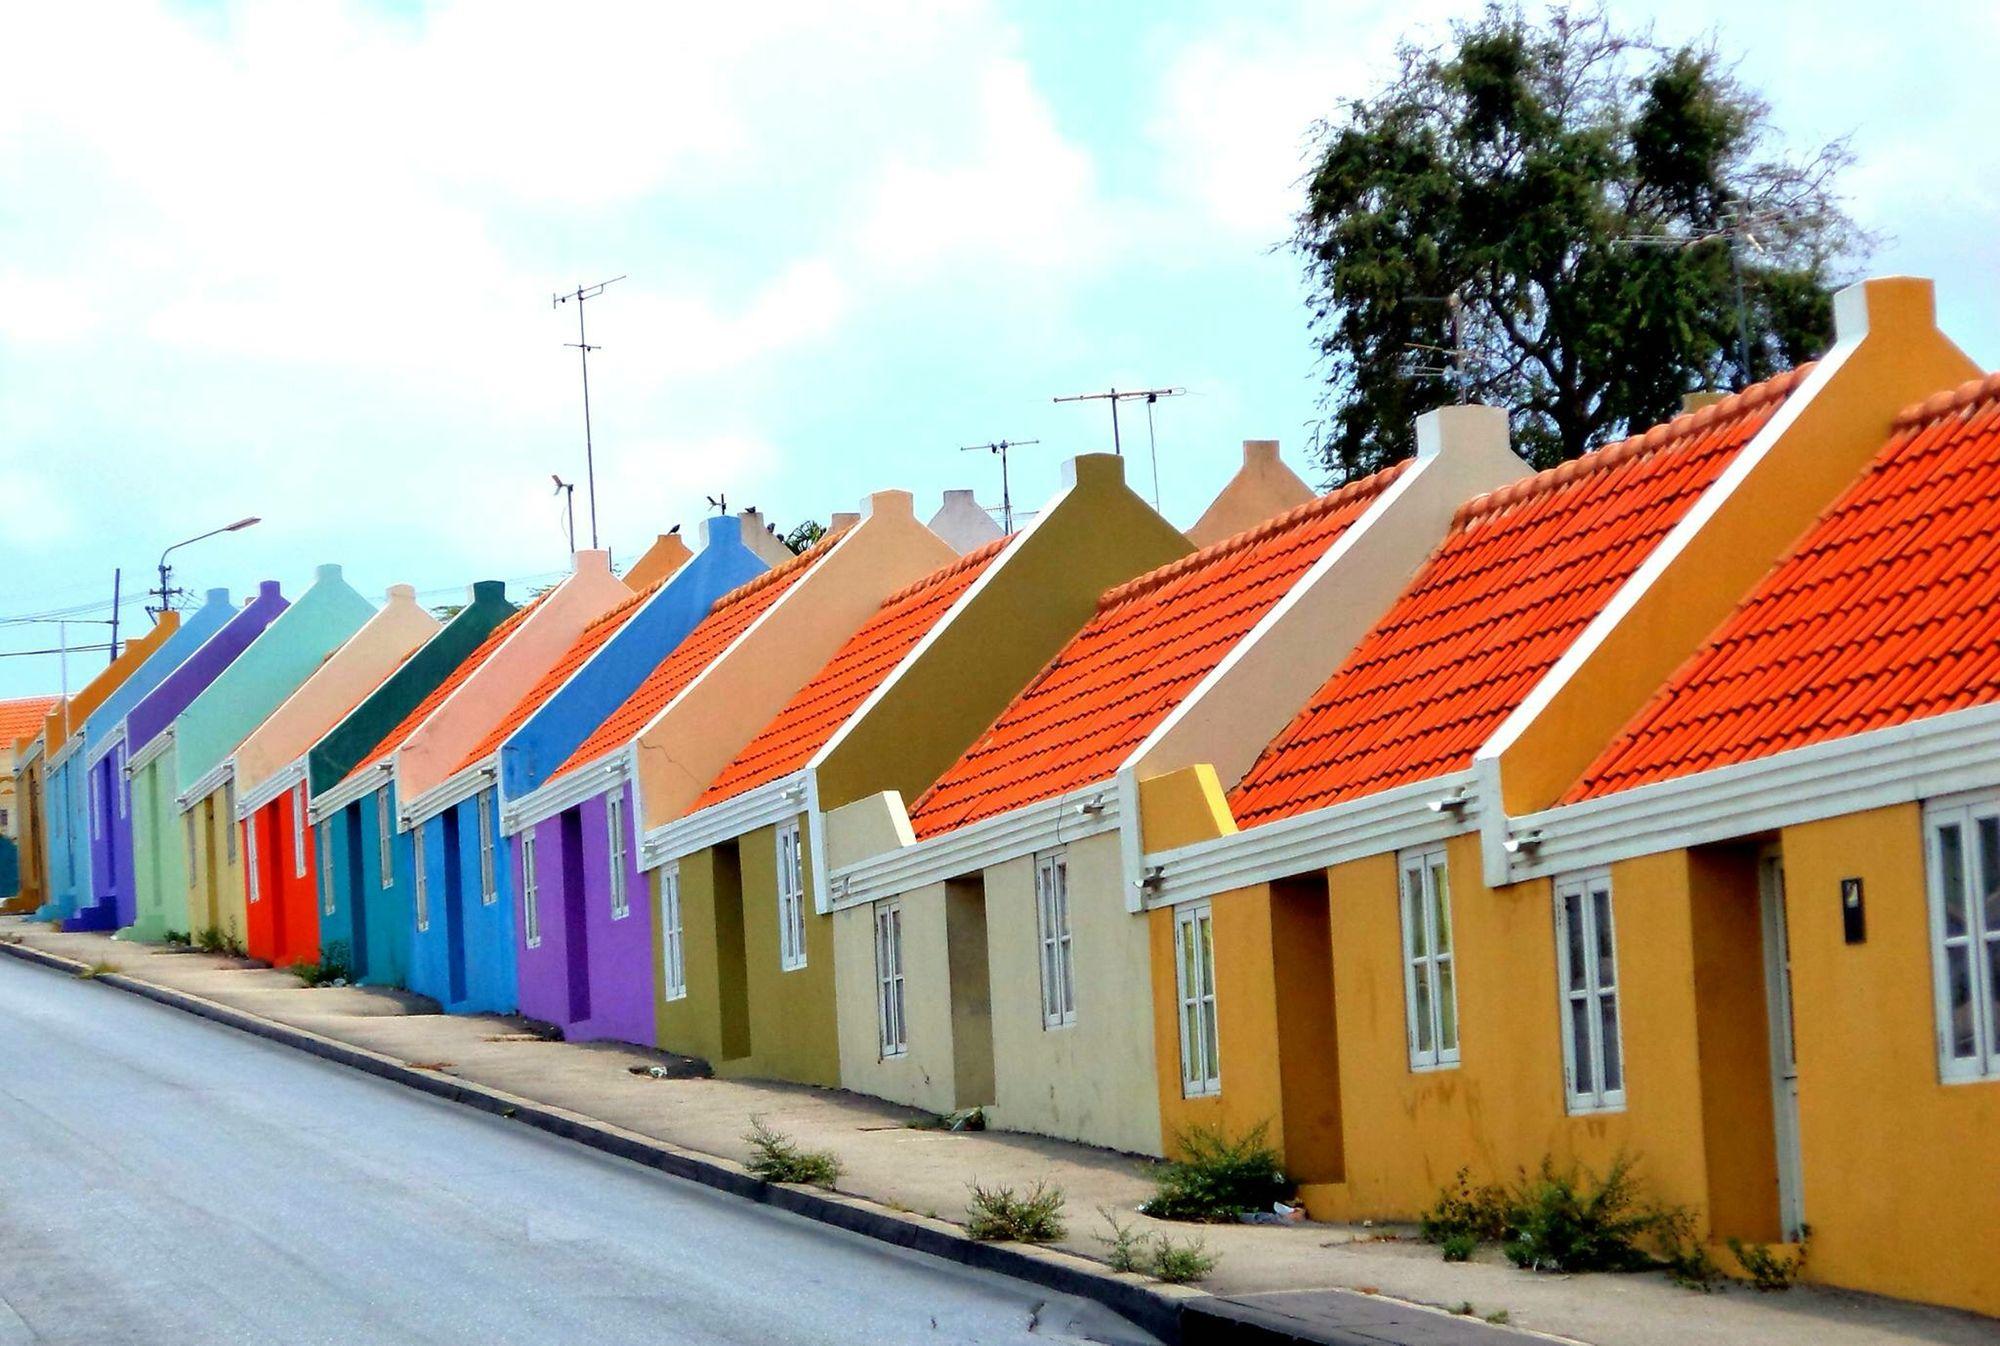 Bijna overal waar u kijkt op Curaçao zijn de huizen felgekleurd. Iets wat voor een erg gezellig straatbeeld zorgt.